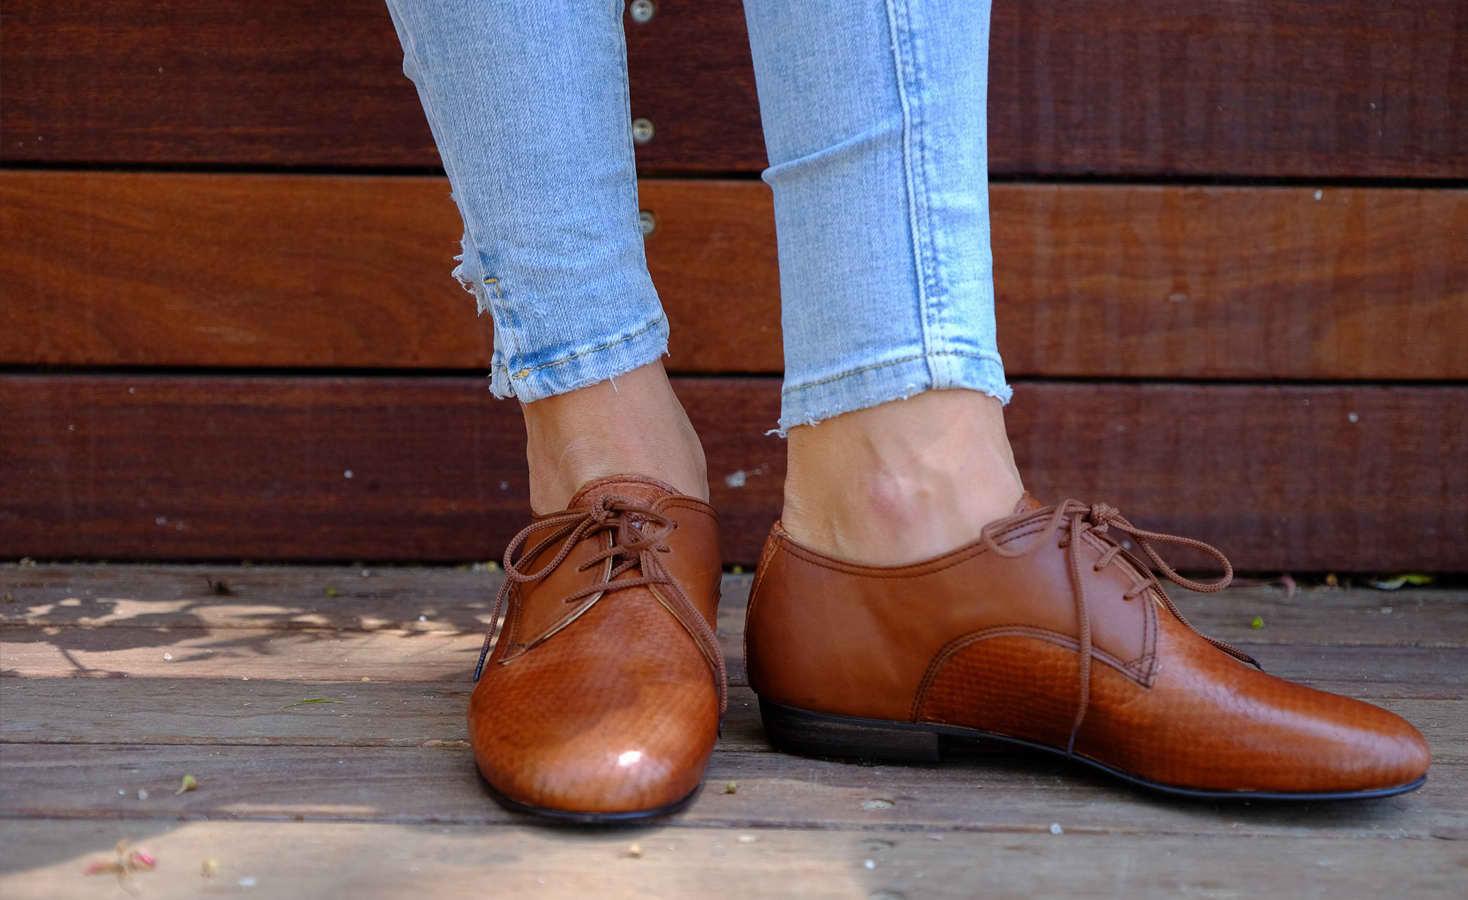 Shoes-luxury-oxford-lapolo